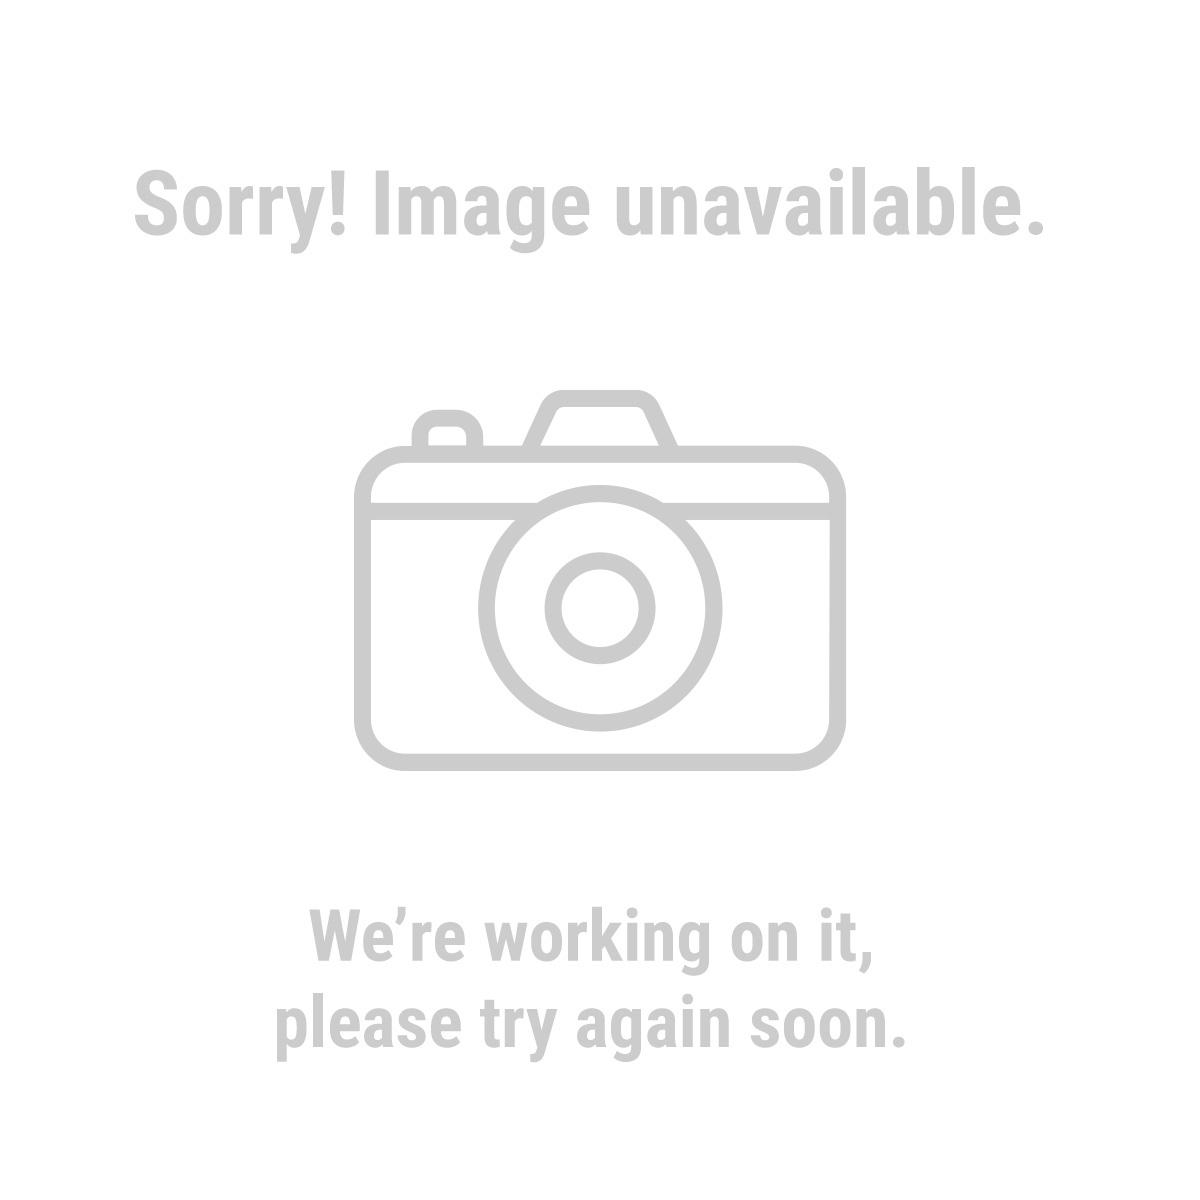 """Supercut 97103 64-1/2"""" x 1/2"""" Carbon Tool Steel Supercut Bandsaw Blade"""